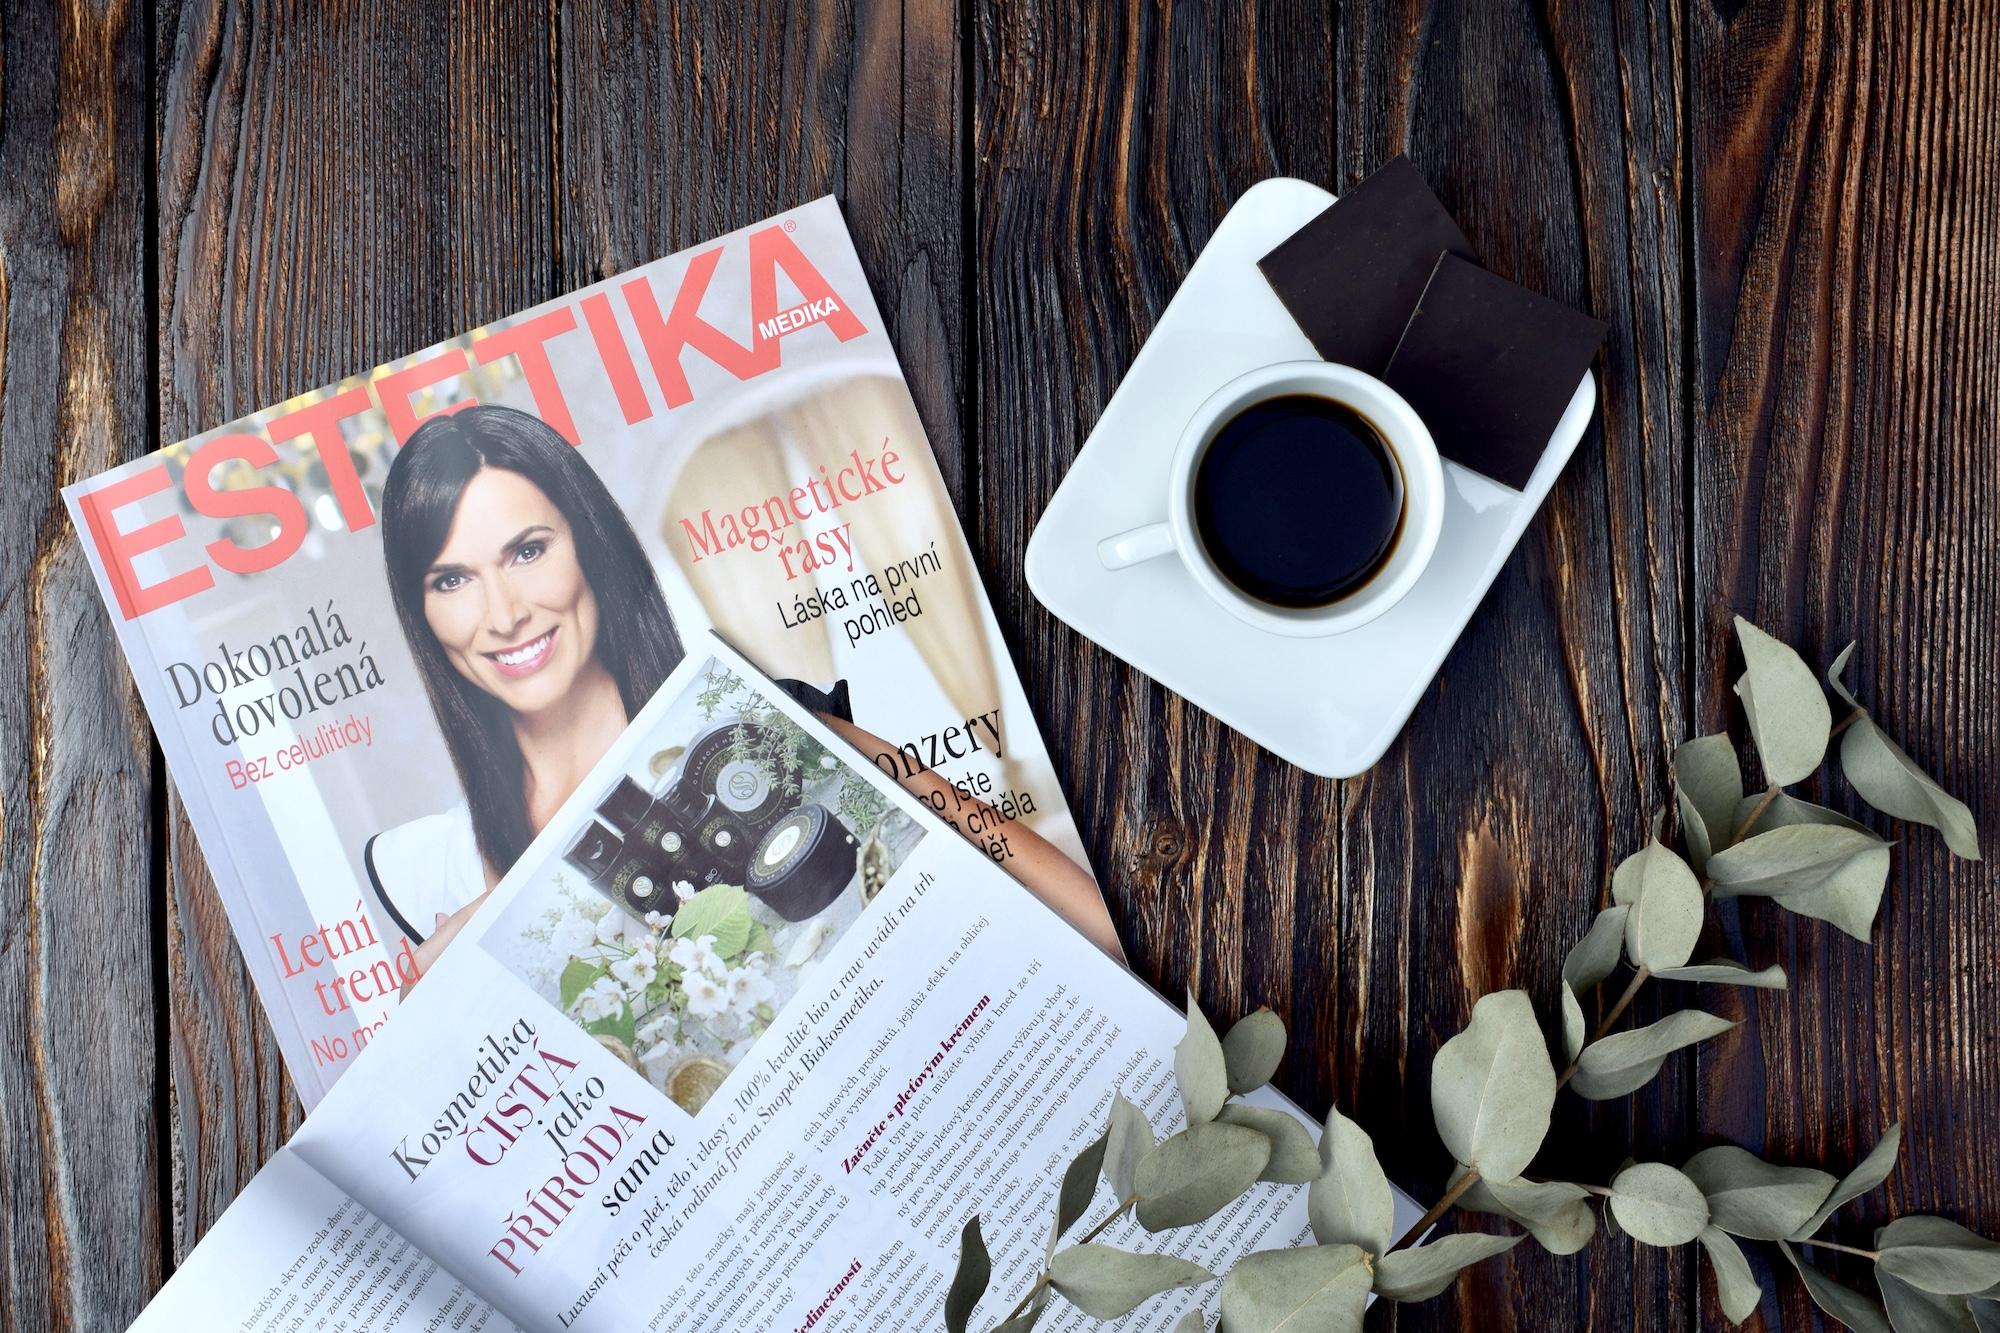 Články v časopisech ESTETIKA a Sofie 40+